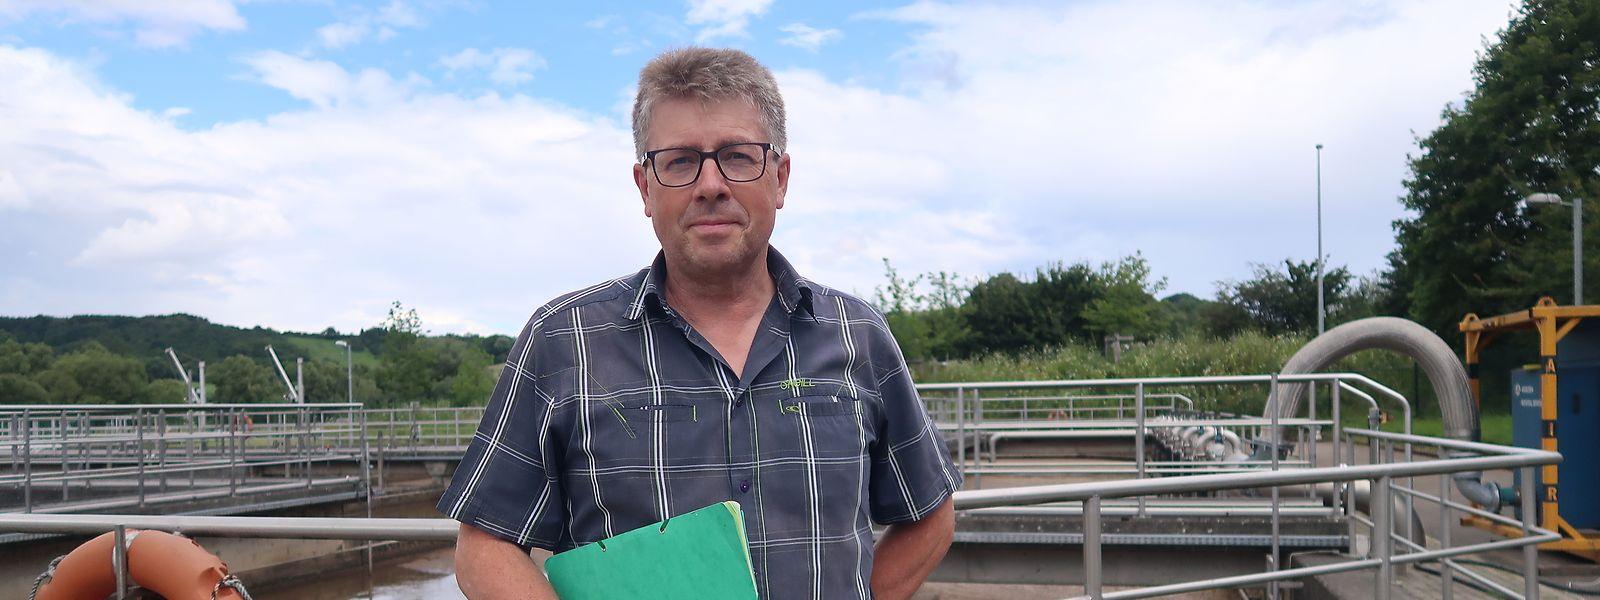 Sidest-Direktor Jean-Marie Ries ist froh, dass die Klärbecken fünf Tage nach dem Hochwasser wieder betriebsbereit waren.